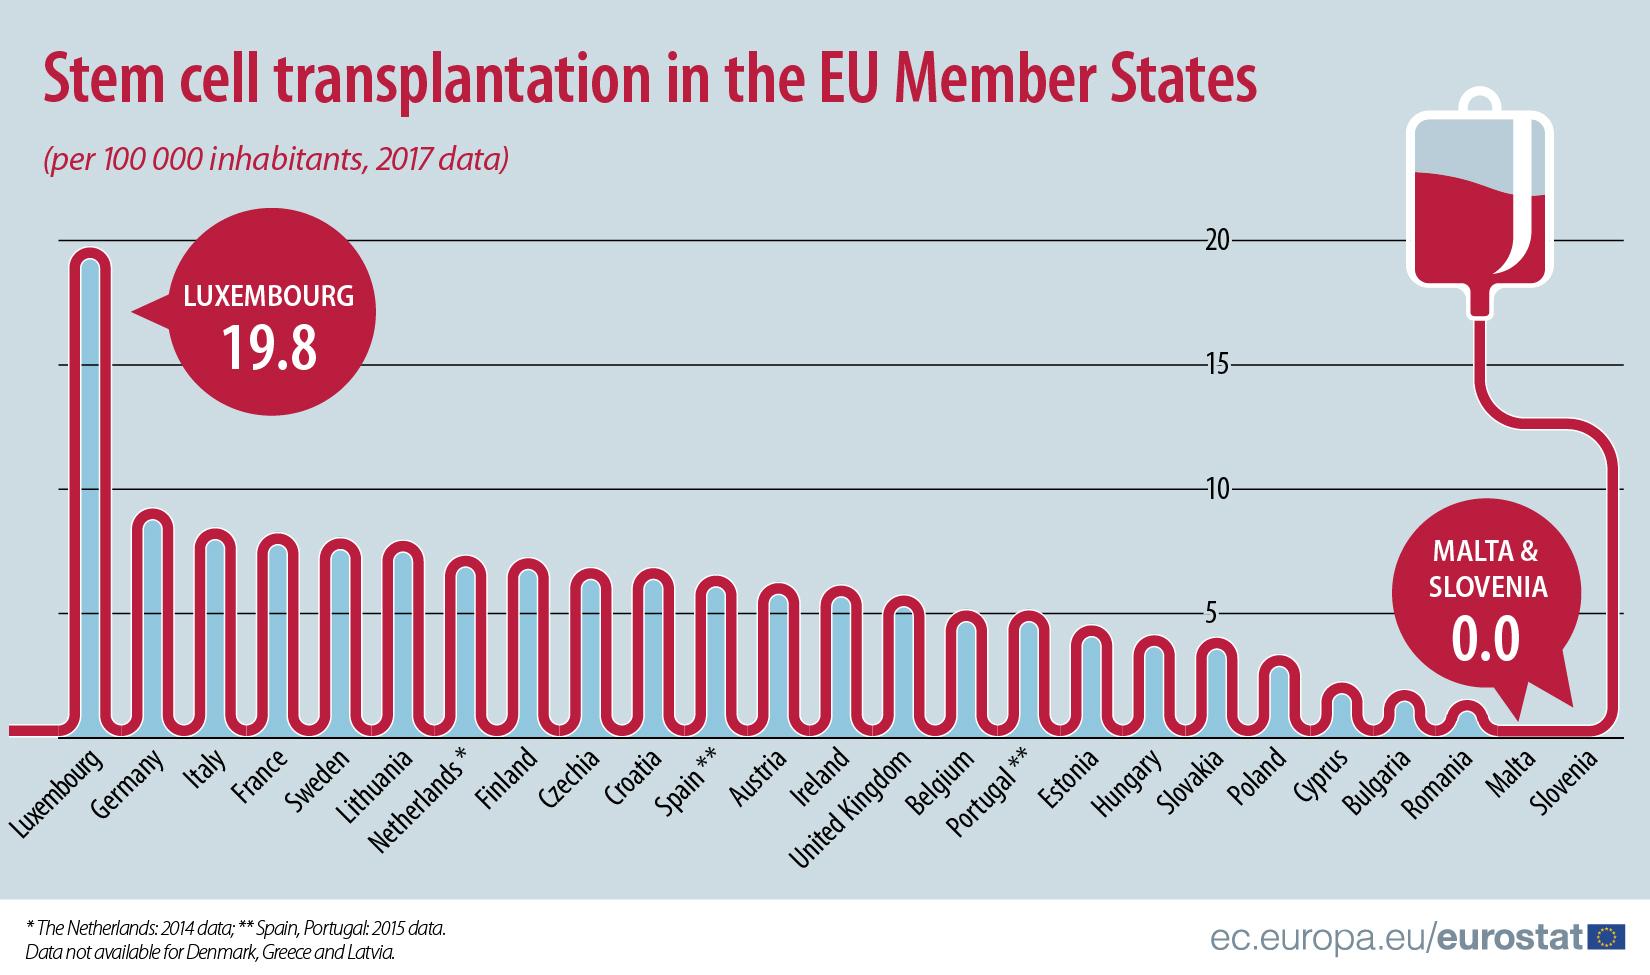 Luksemburg lider u transplantaciji matičnih ćelija u EU 2